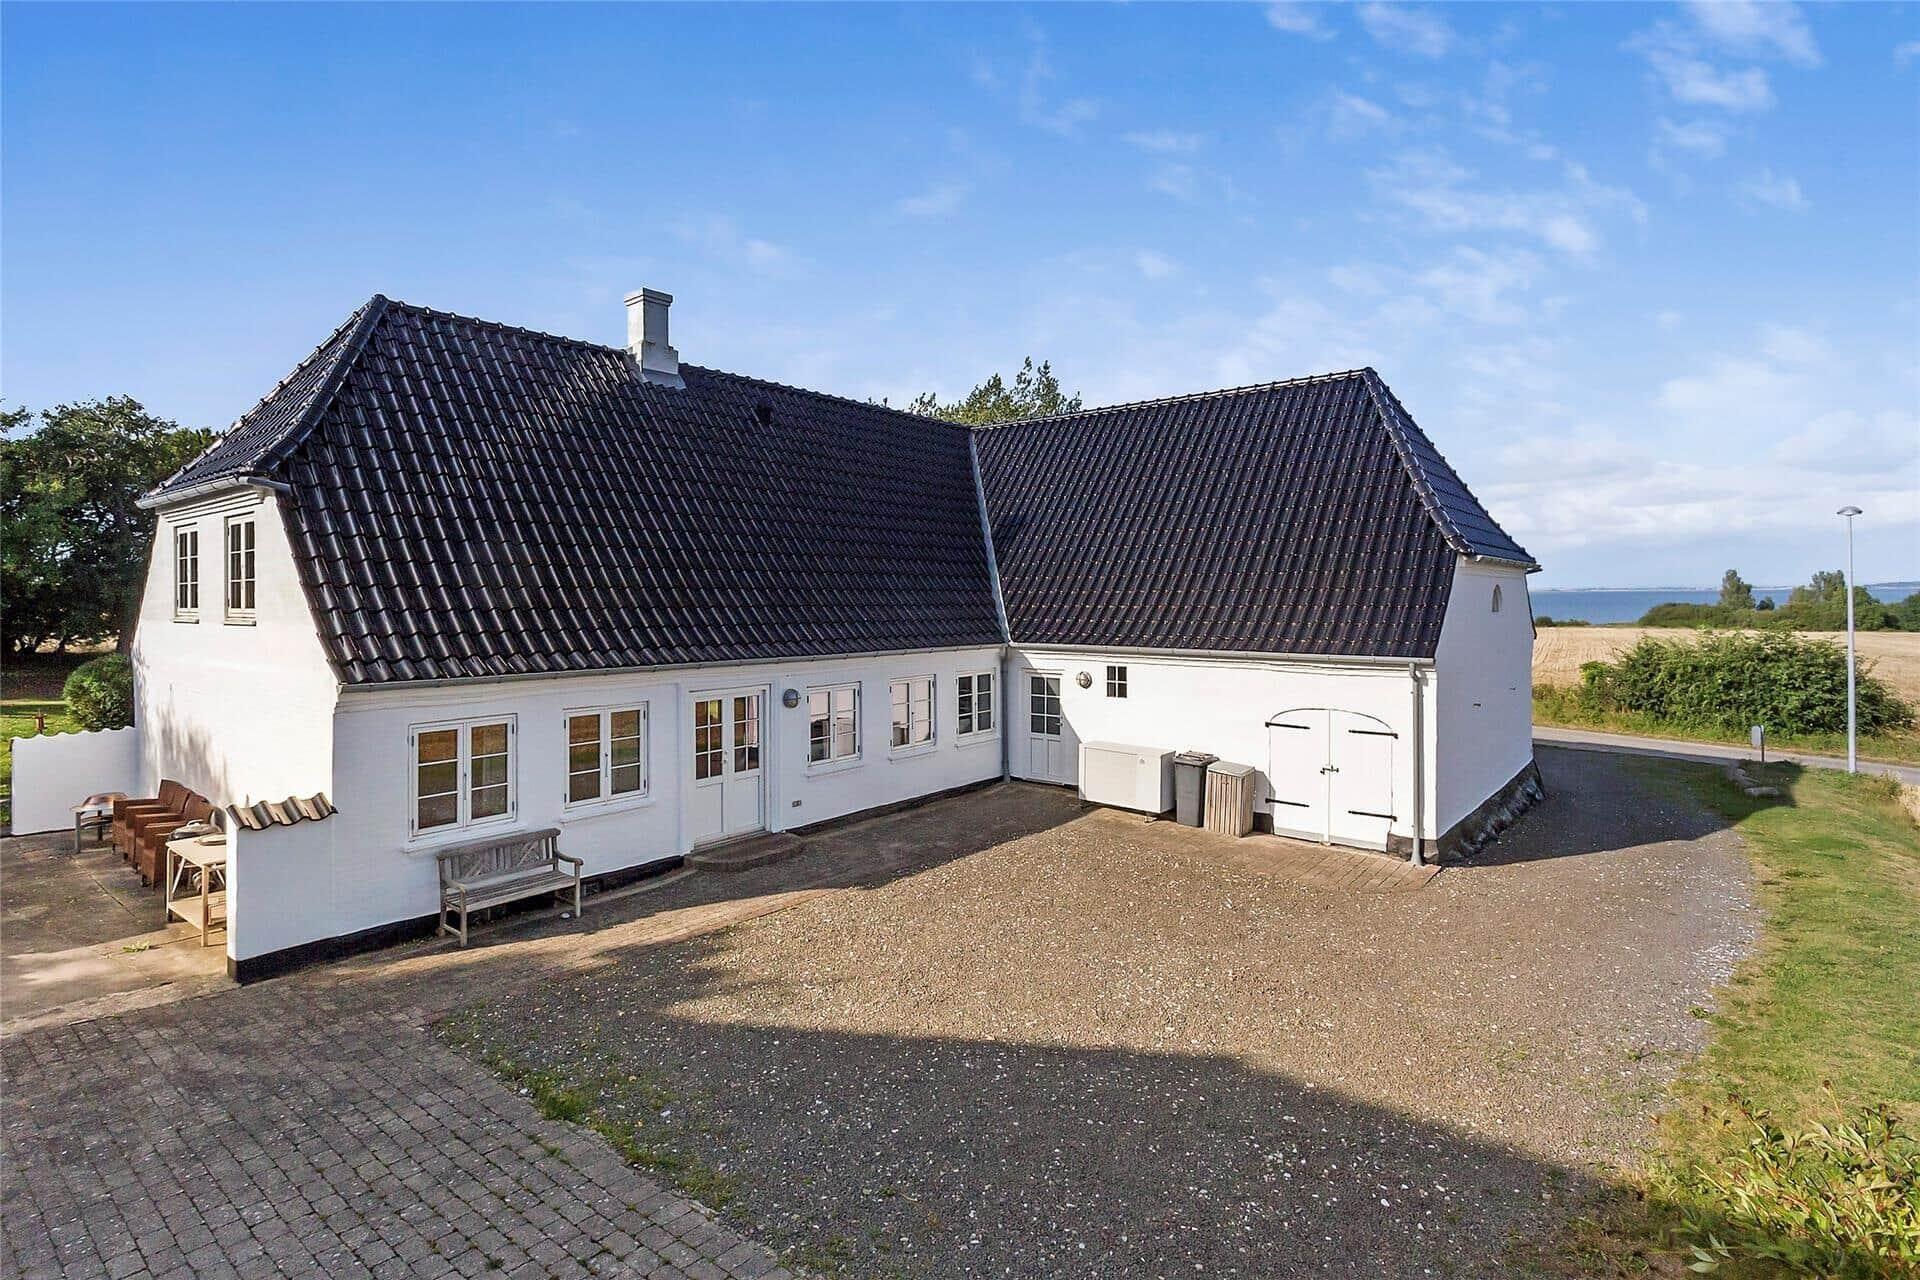 Billede 1-3 Sommerhus M70490, Skjoldnæsvej 1, DK - 5985 Søby Ærø